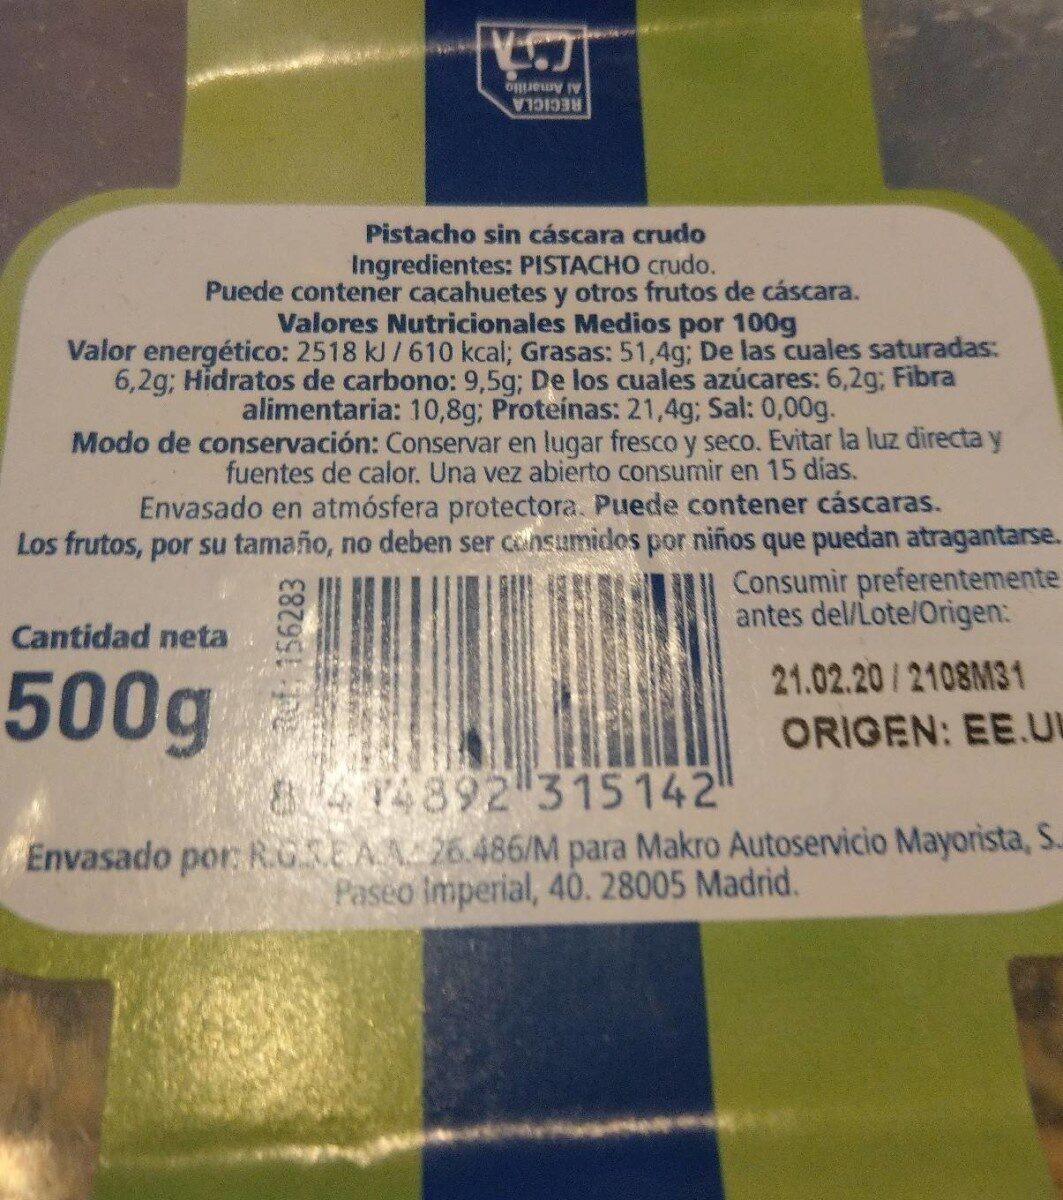 Pistacho Pelado Crudo - Información nutricional - es